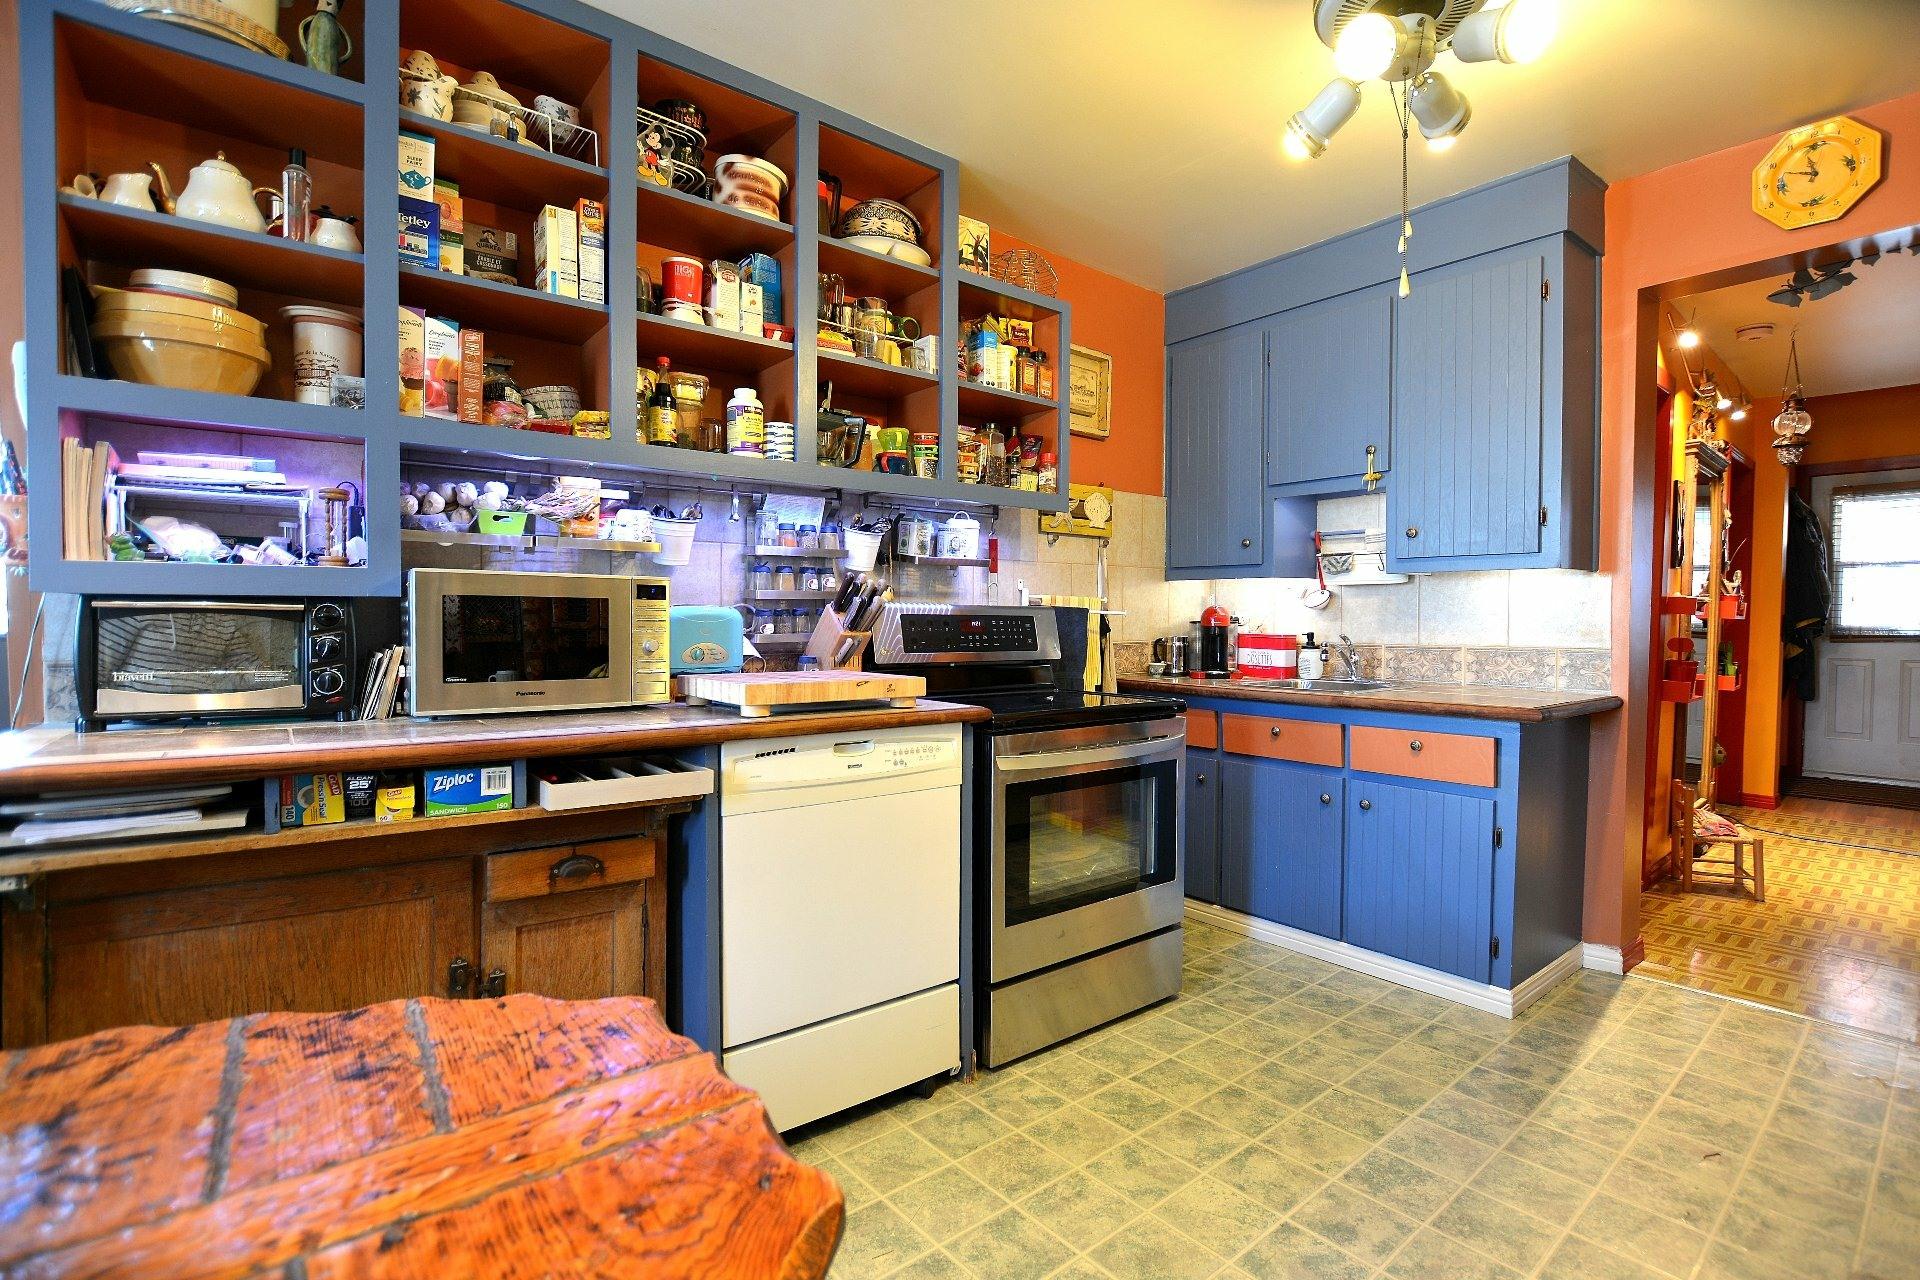 image 19 - House For sale Montréal Lachine  - 5 rooms